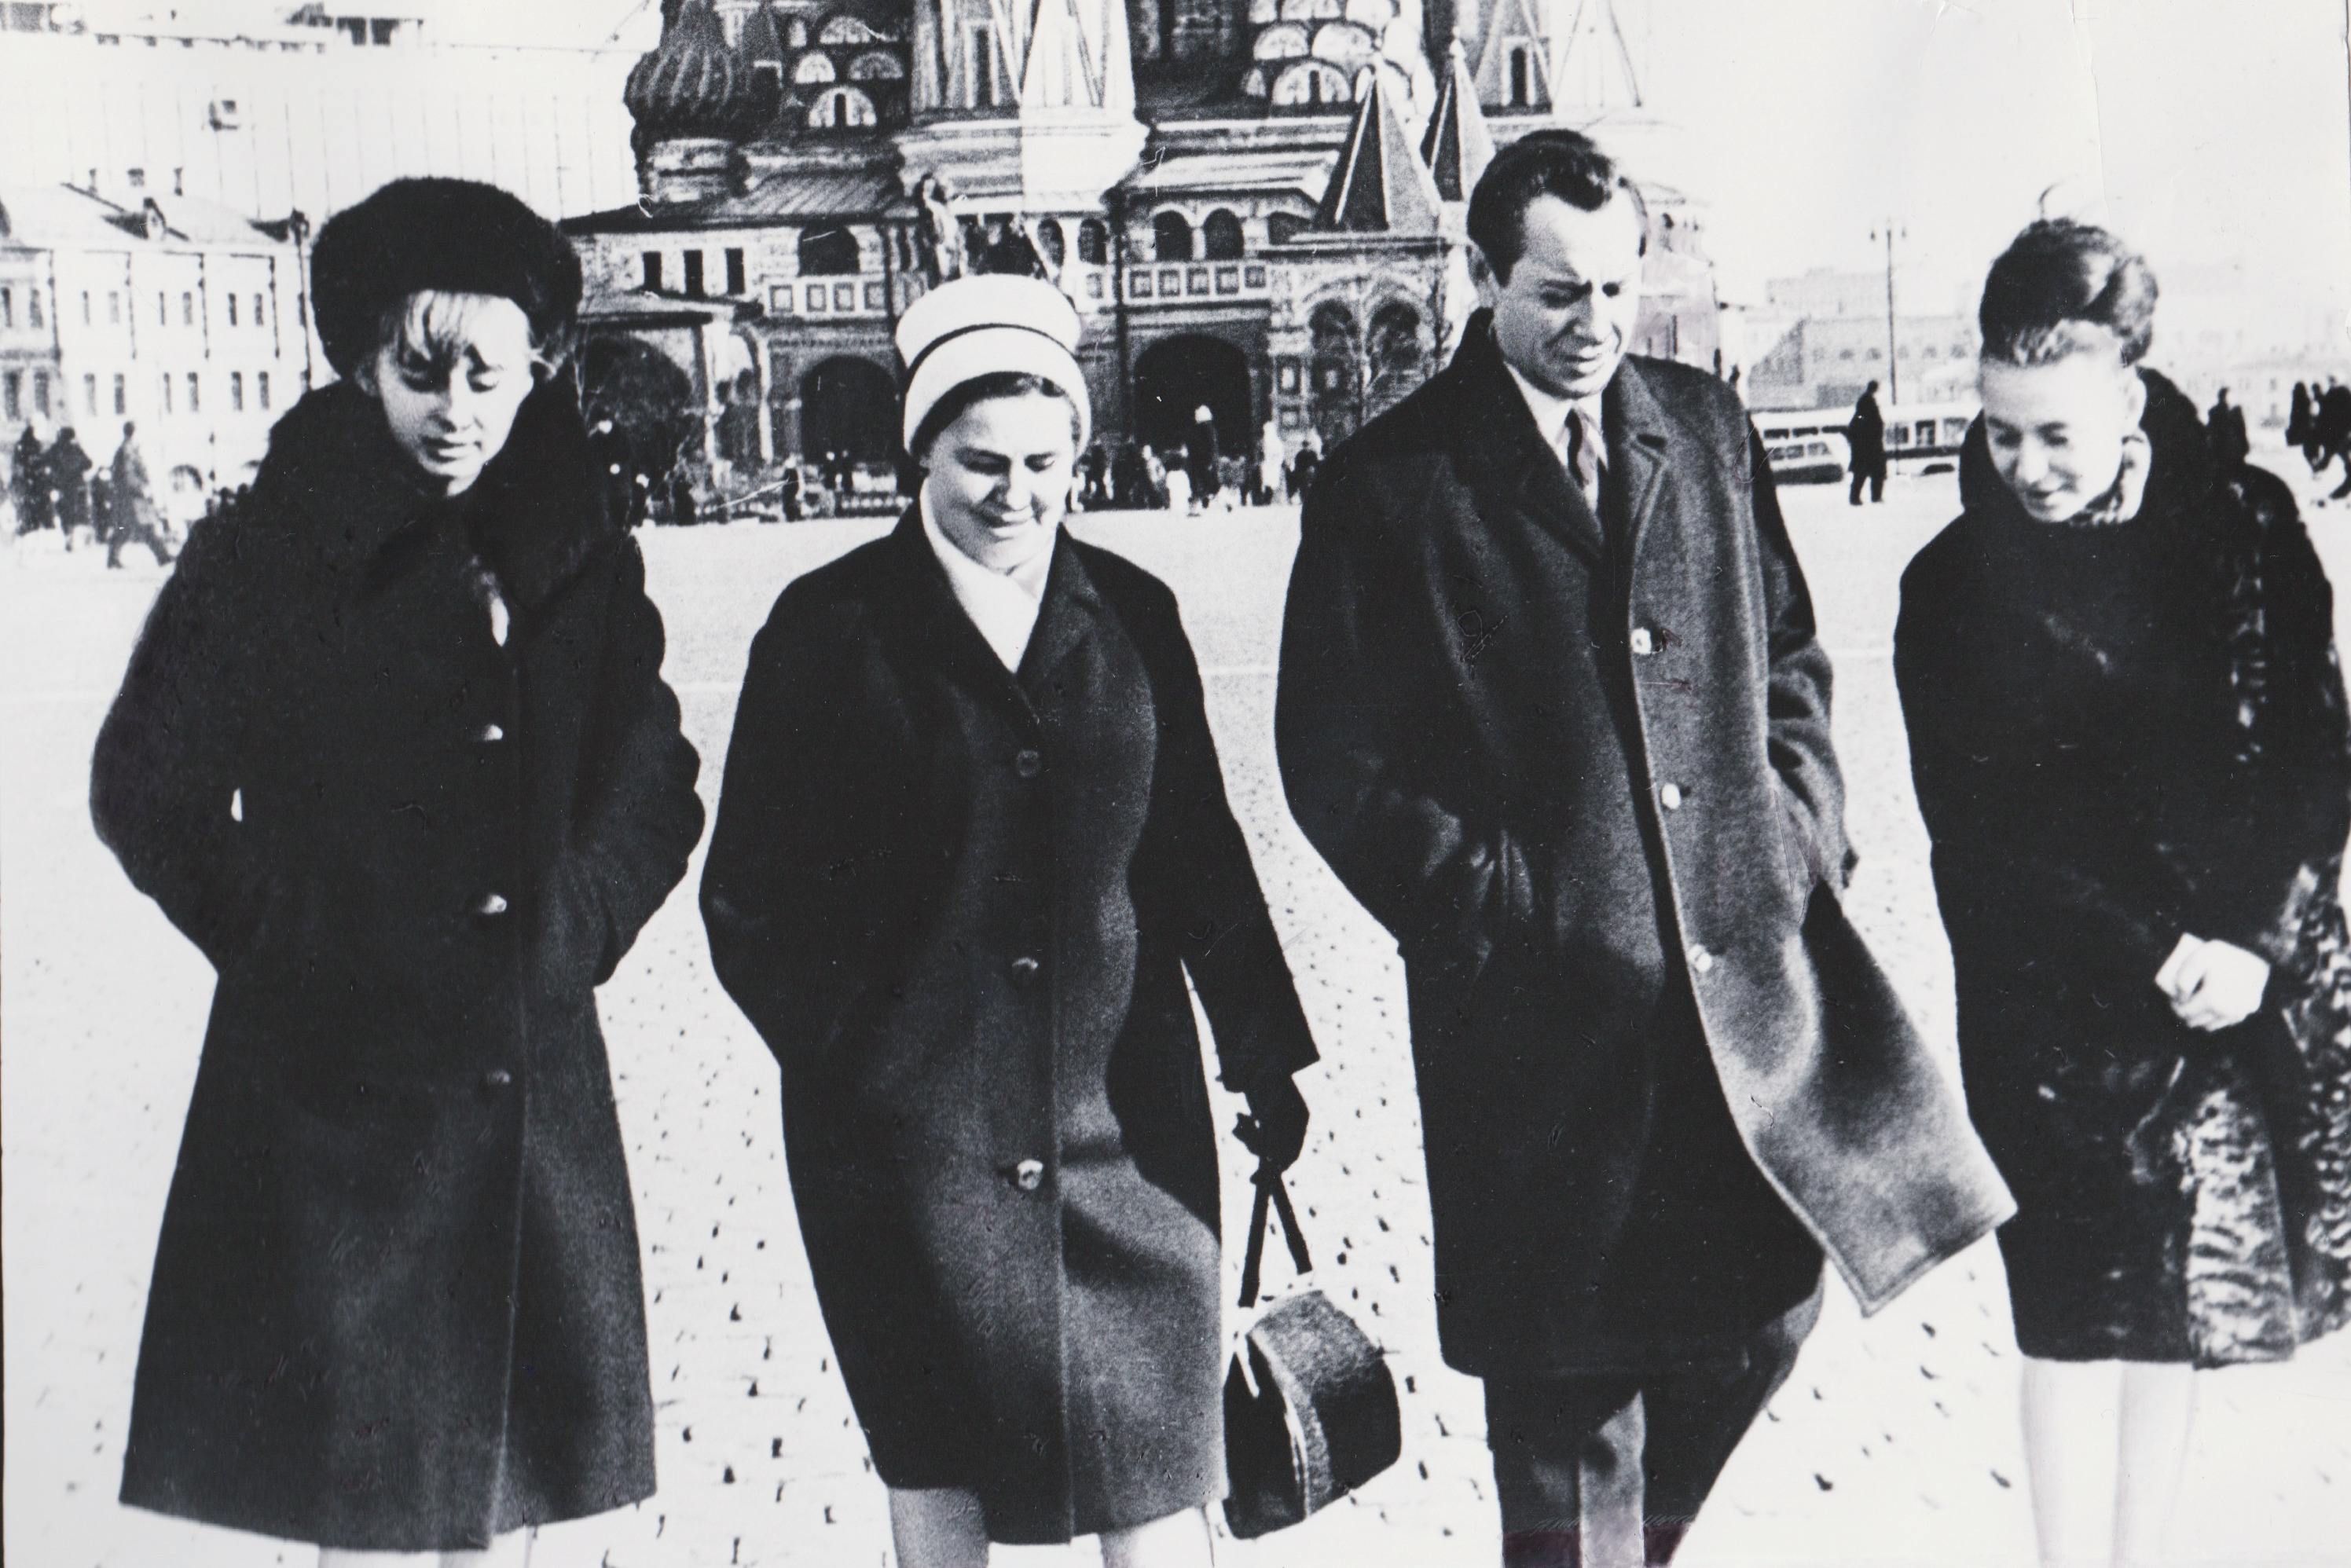 Пётр Миронович, Полина Андреевна (жена) и дочери Наташа и Лена на Красной площади в Москве